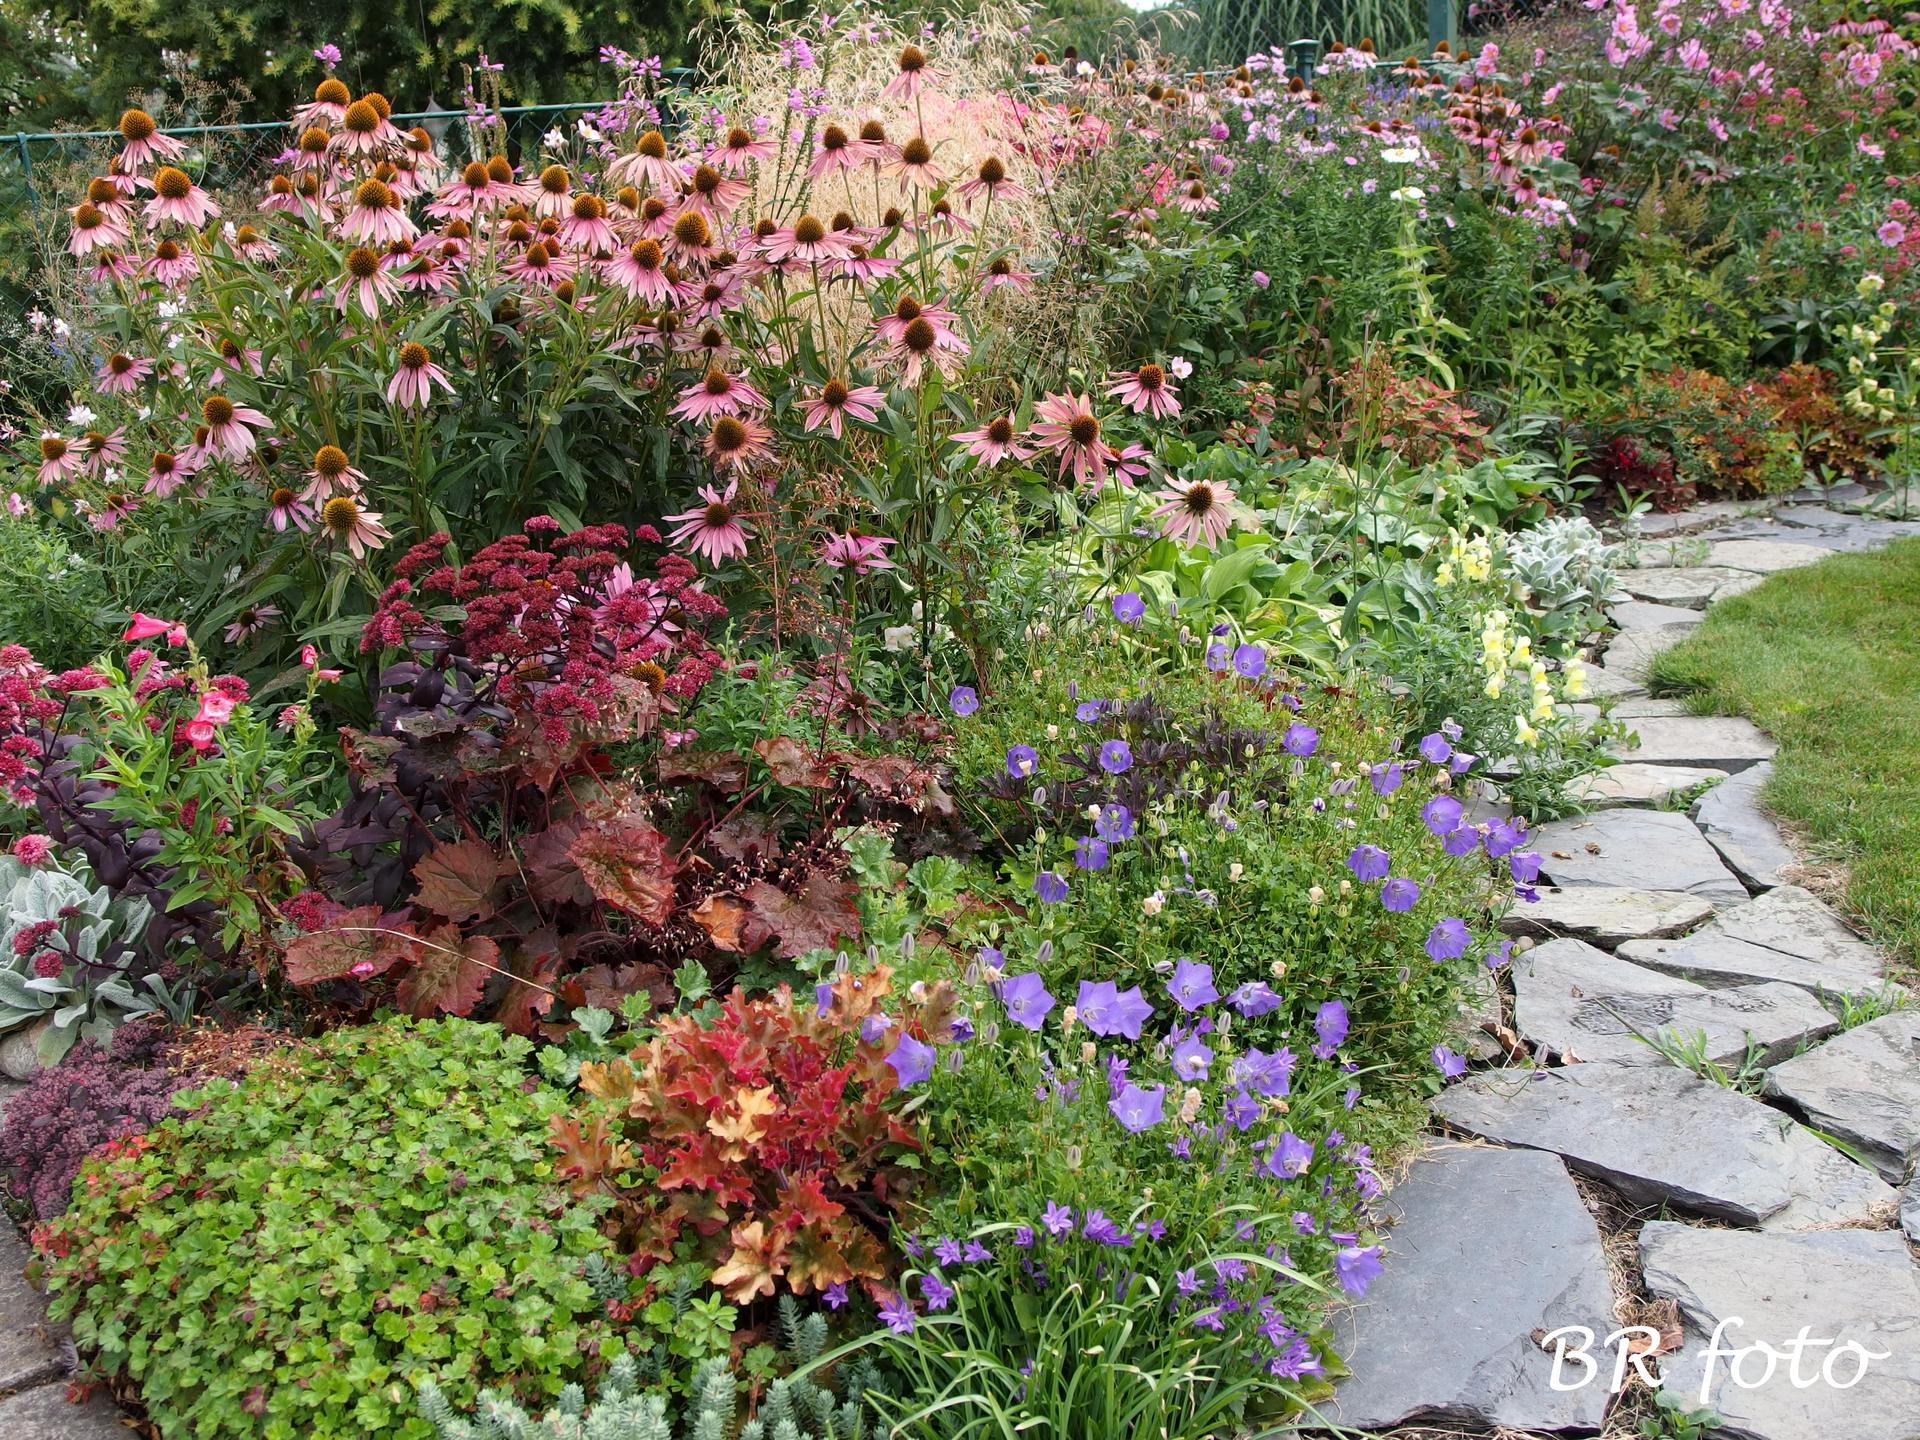 Zahrada v létě - předzahrádka